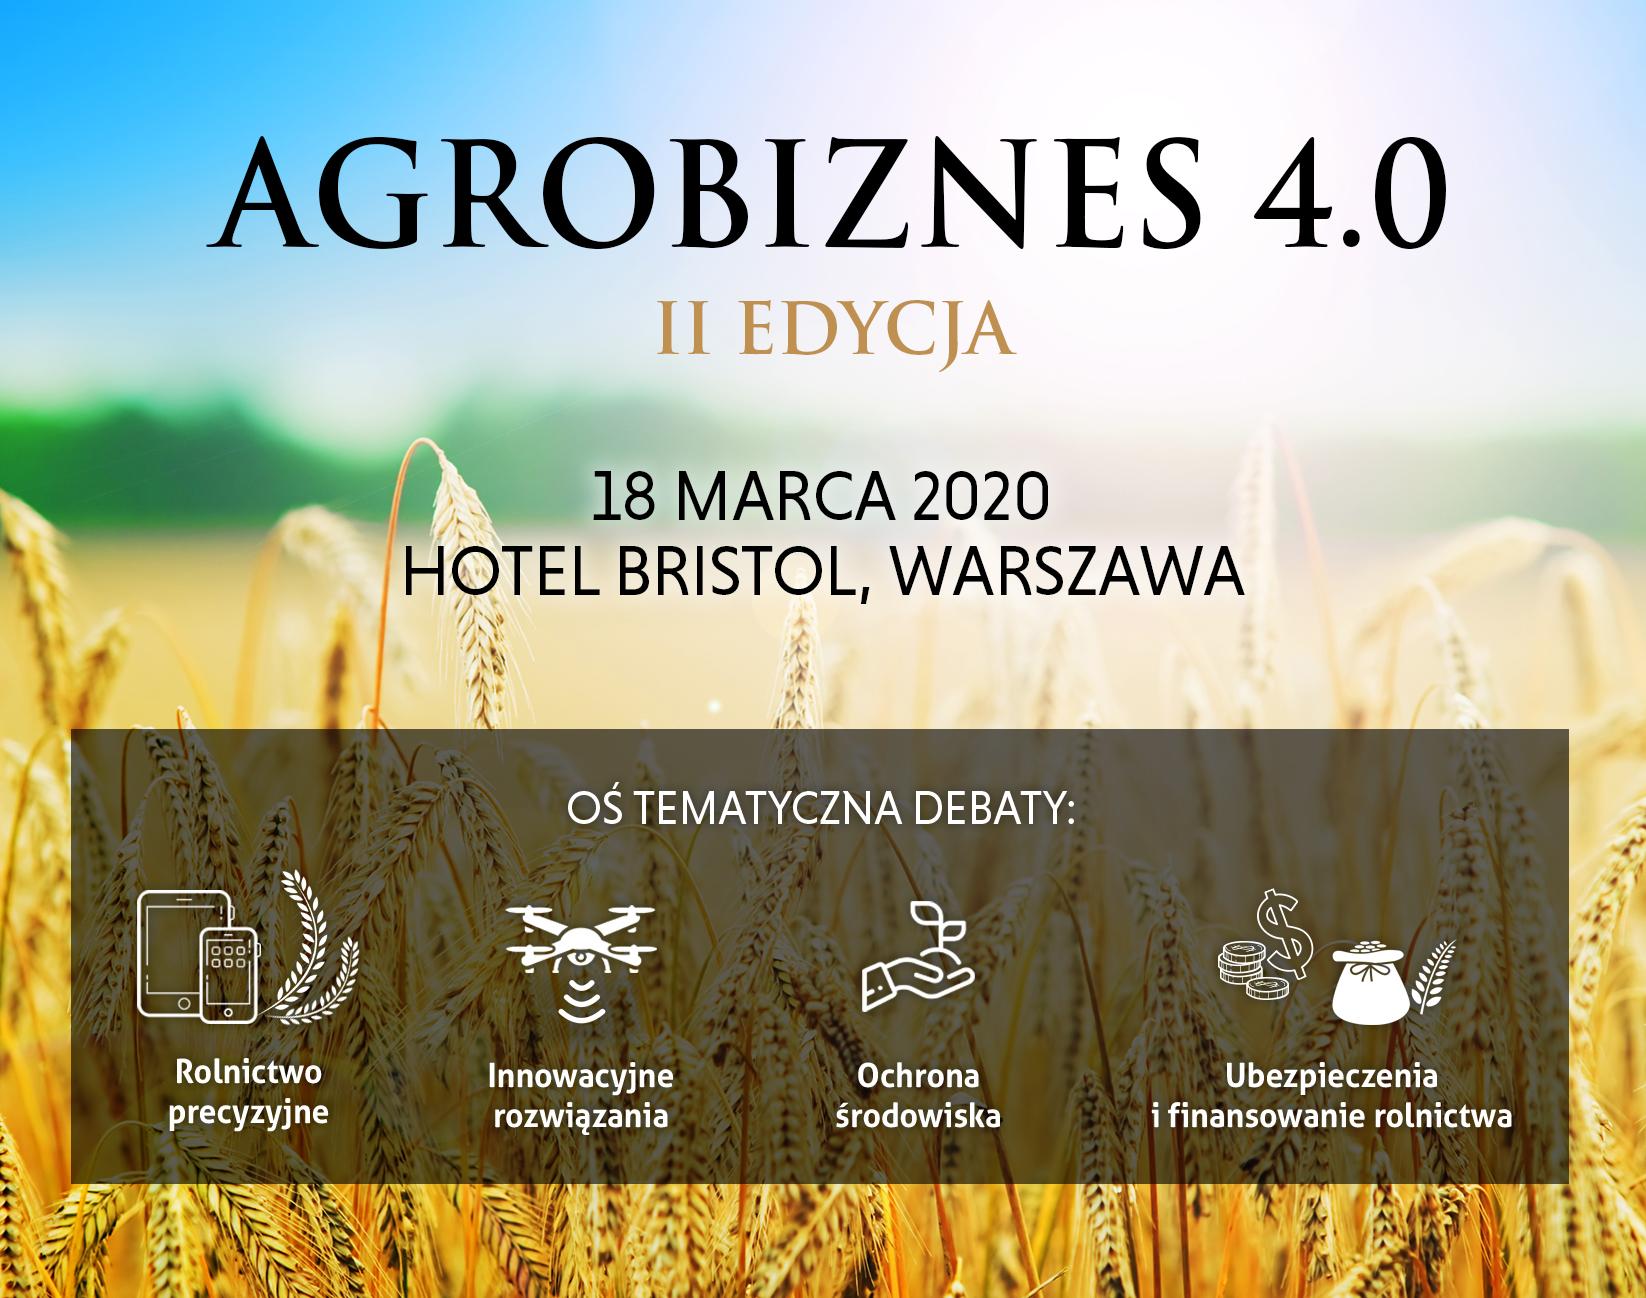 Agrobiznes 4.0, czyli branża rolnicza w jednym miejscu!